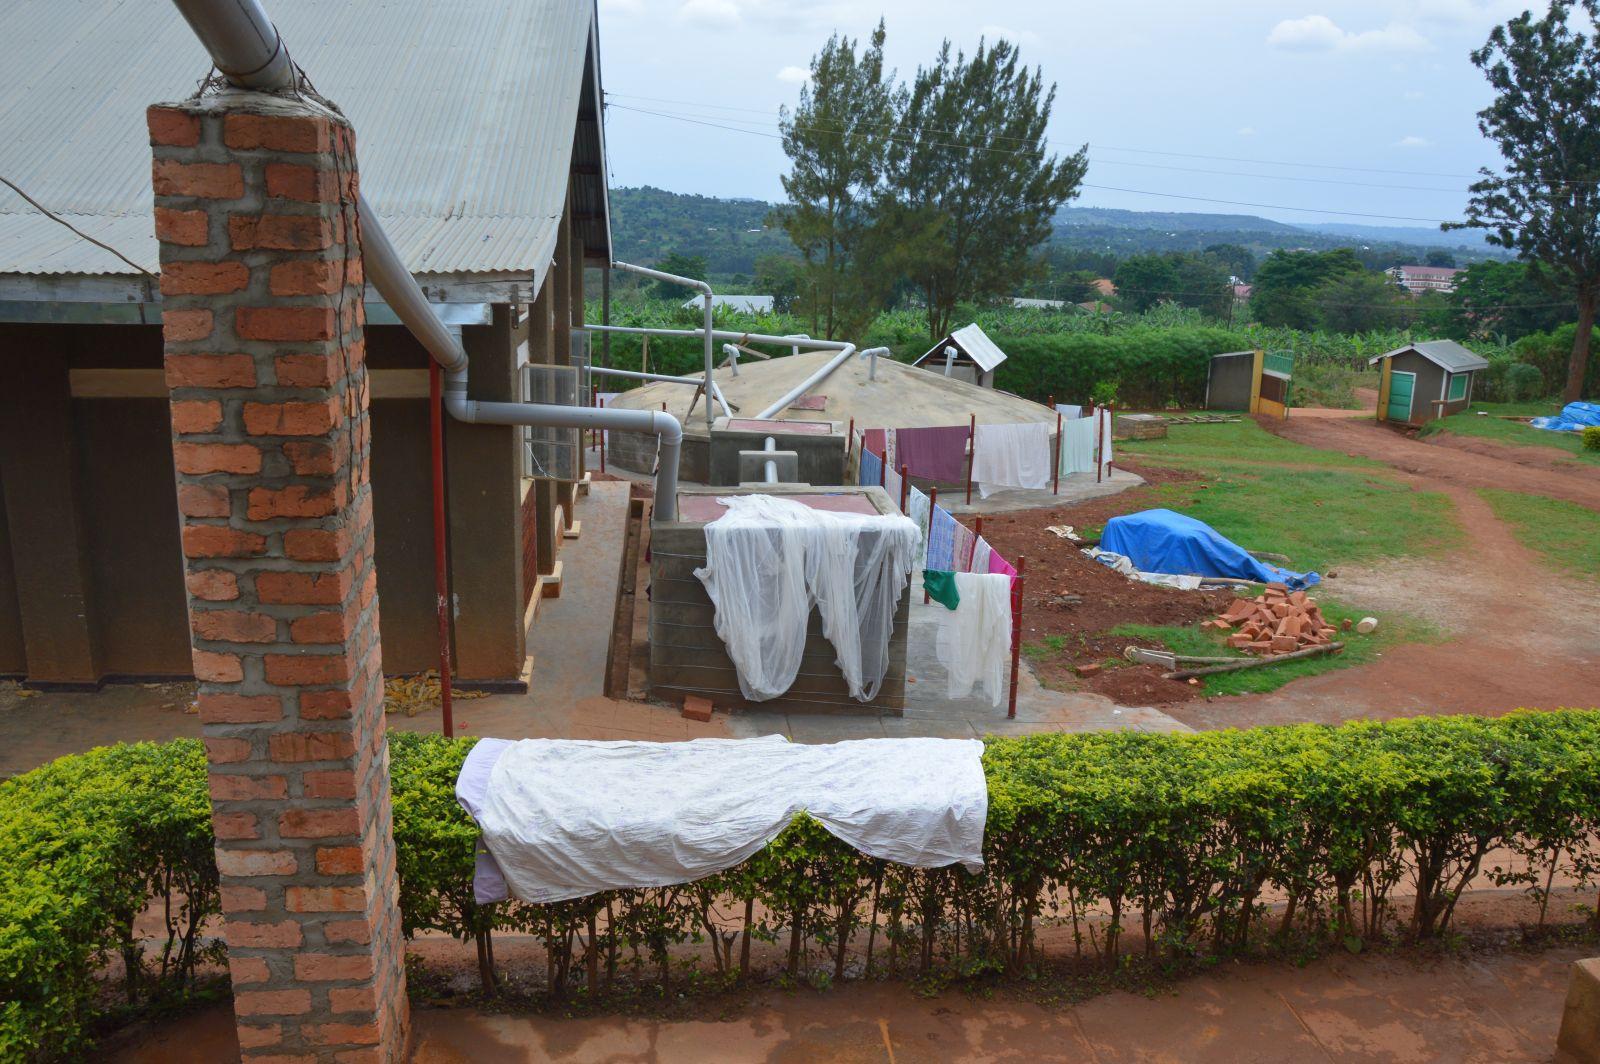 Und auch der Zaun des neuen Wassertanks wird direkt als Wäscheleine sinnvoll mitgenutzt